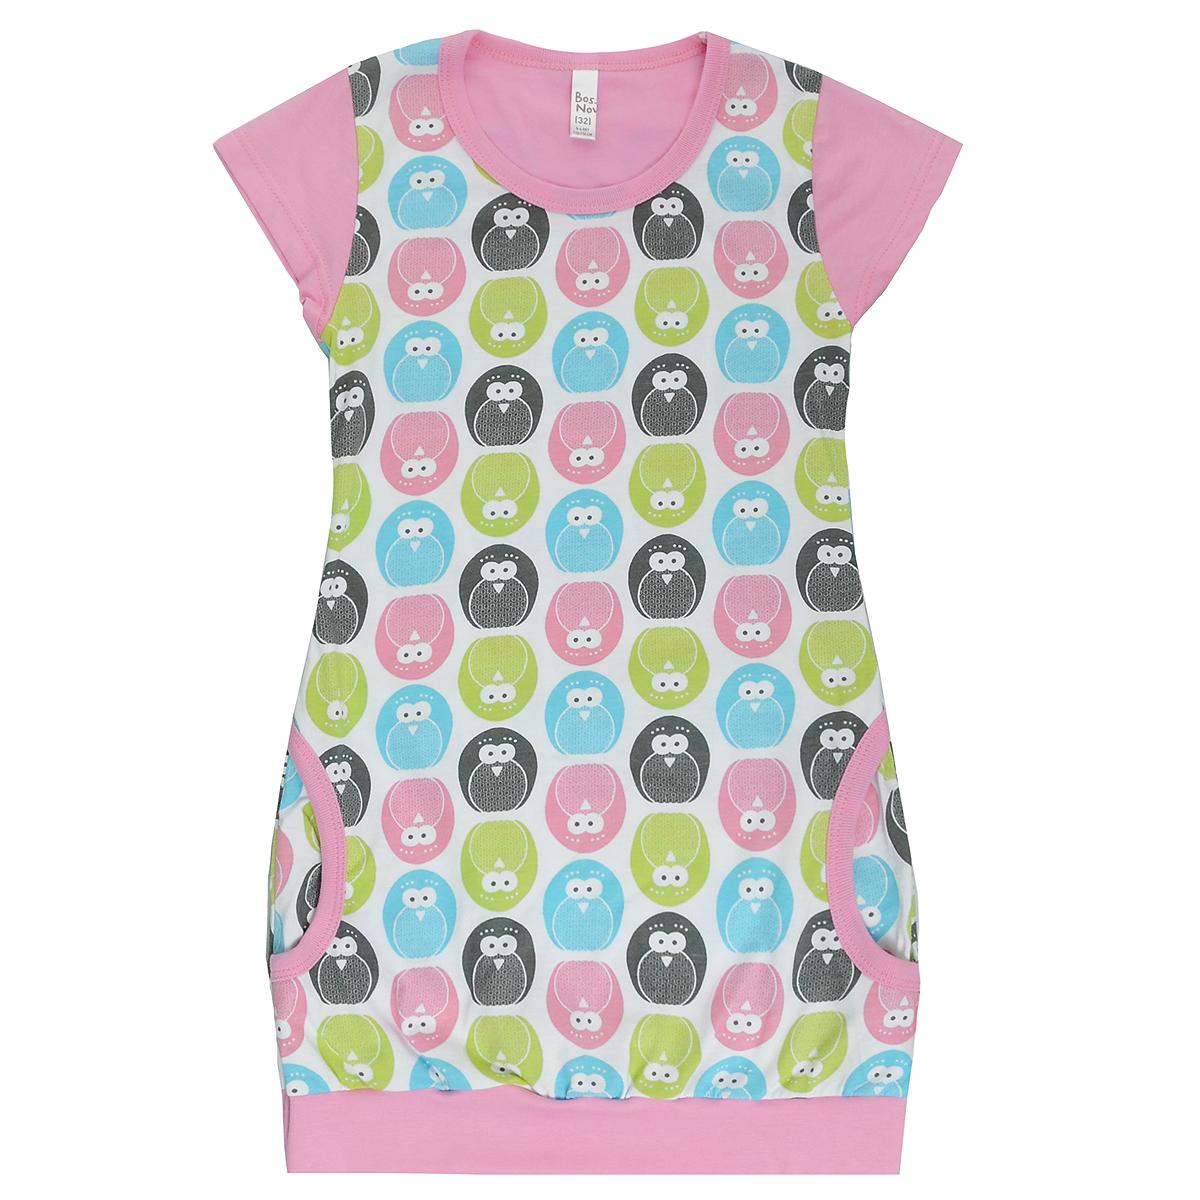 Ночная сорочка для девочки Bossa Nova, цвет: белый, розовый, с пингвинами. 389Б-171. Размер 110/116, 5-6 лет пижамы и ночные сорочки bossa nova ночная сорочка супергерои 358б 161